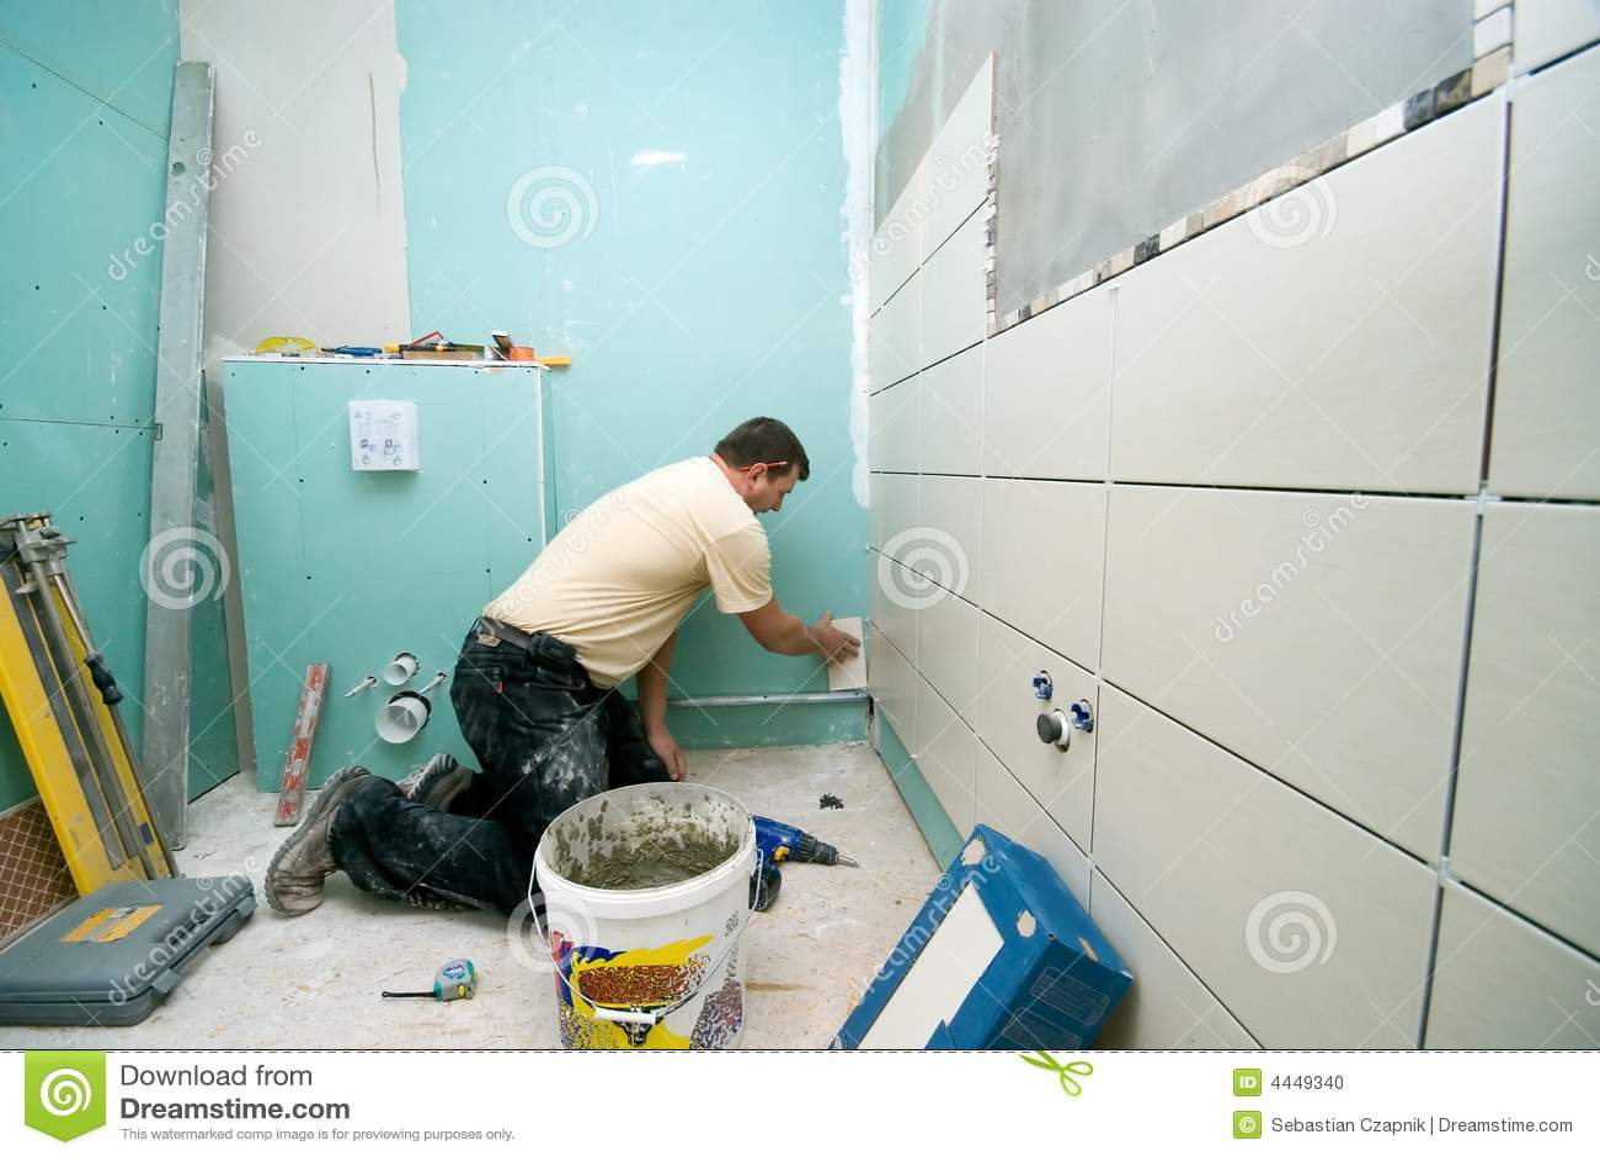 De tegelsvernieuwing van de badkamers